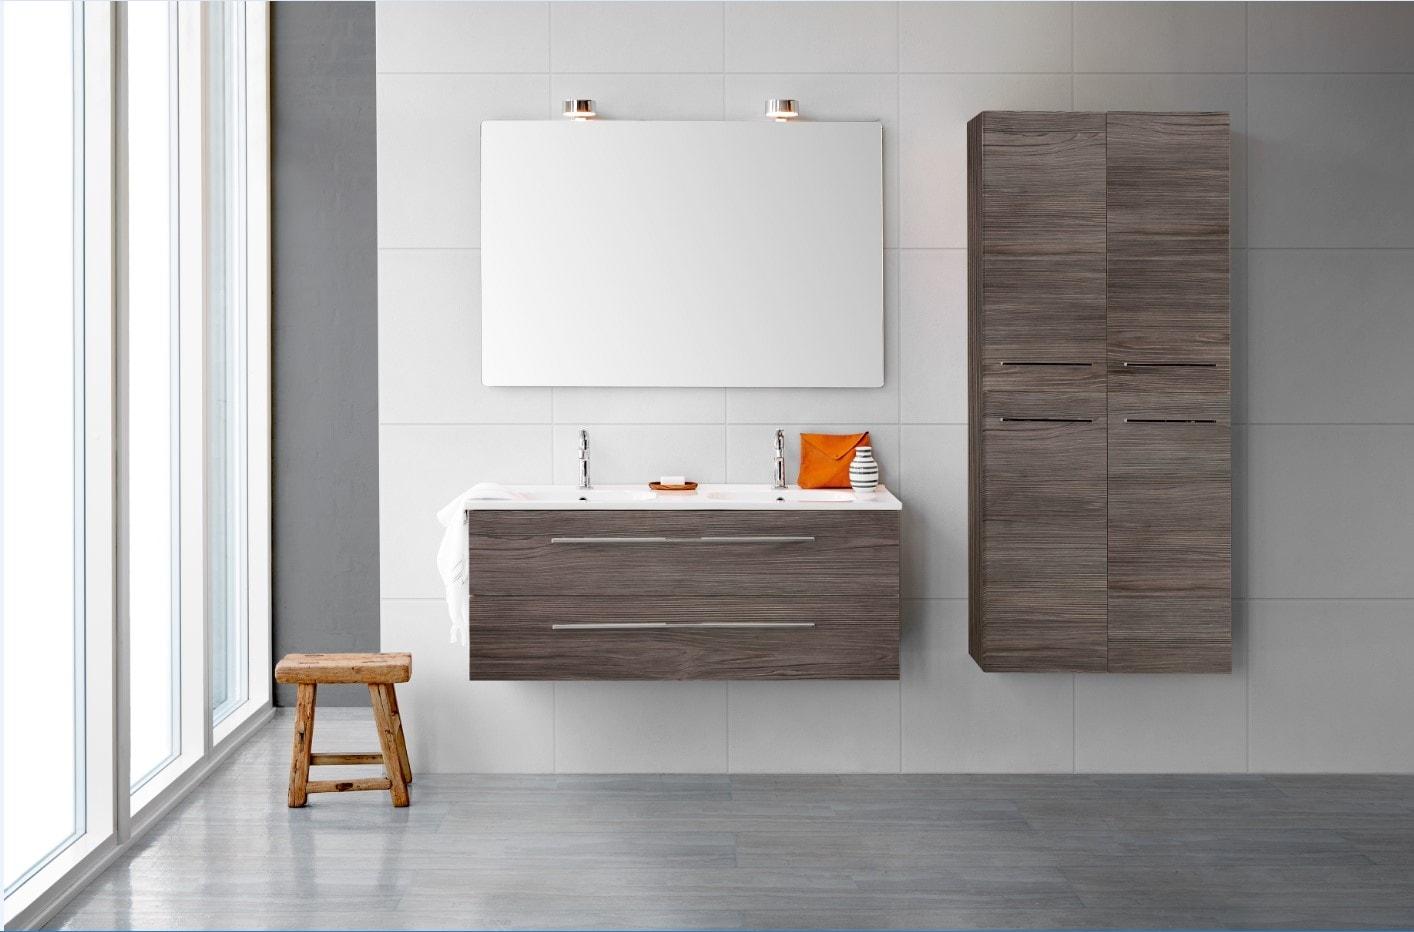 Delta med Karat vask - flotte badeværelser med tynd porcelænsvask